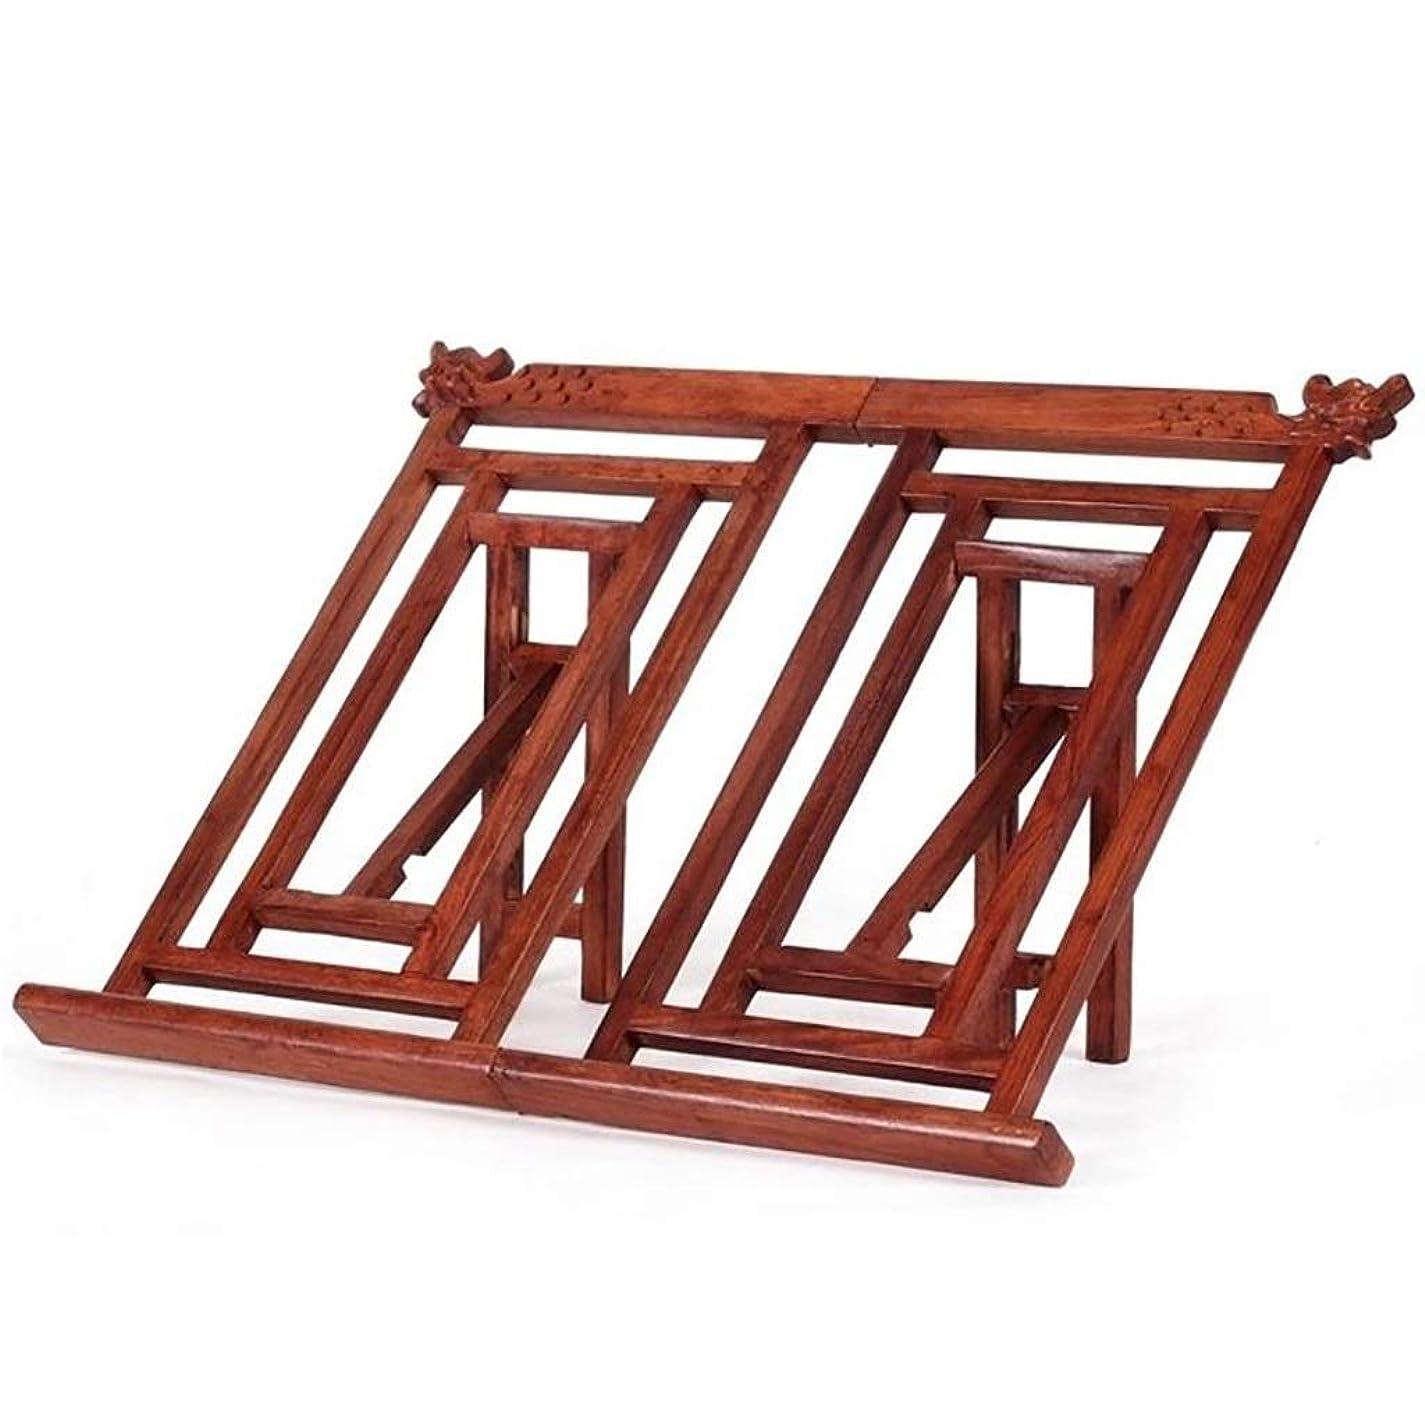 カリング暗くする慈悲本棚 ブックスタンド-調節可能な折り畳み式トレイとページペーパークリップ付きのブックホルダー-クックブックリーディングデスクポータブル丈夫な軽量ブックスタンド 壁のユニットの本棚 (Color : Red sandalwood)